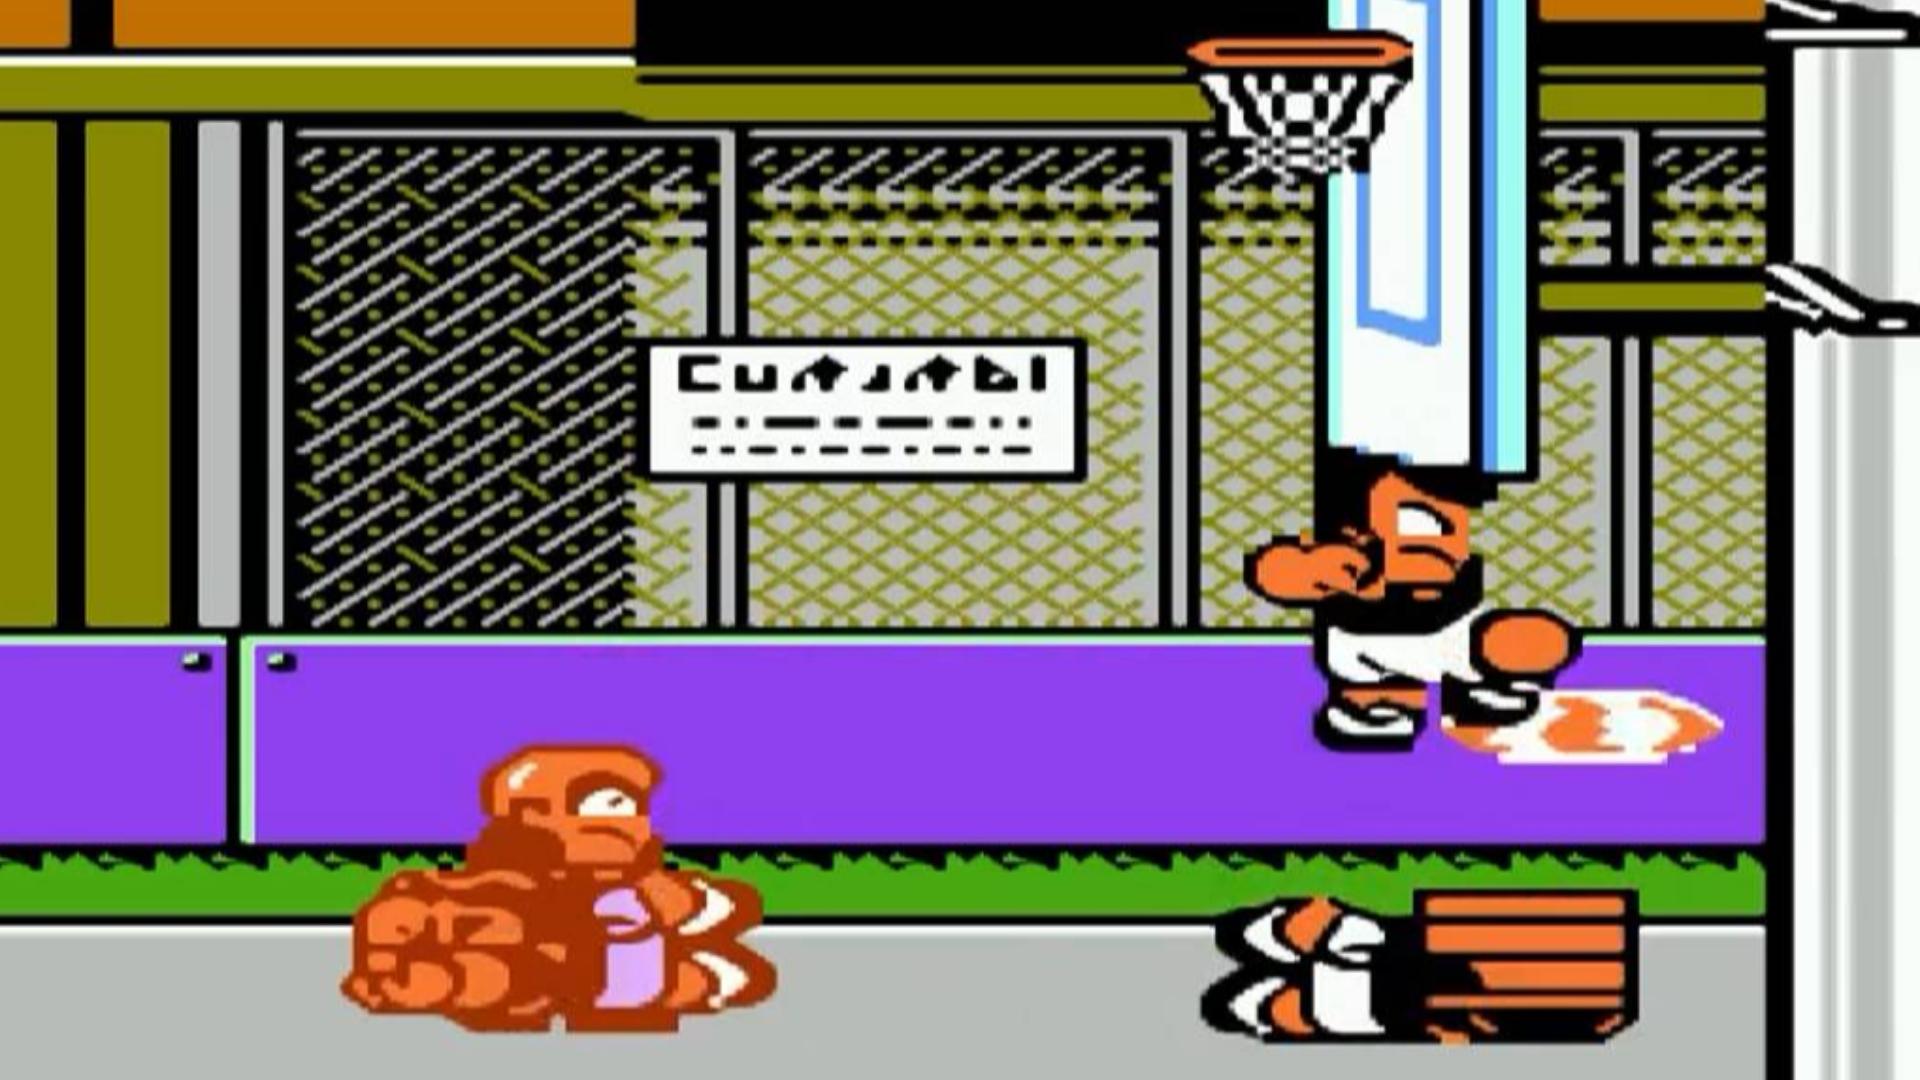 热血篮球,上半场还没打完就出BUG了,这可怎么办,后面果断采用实况录制,可能会有失误